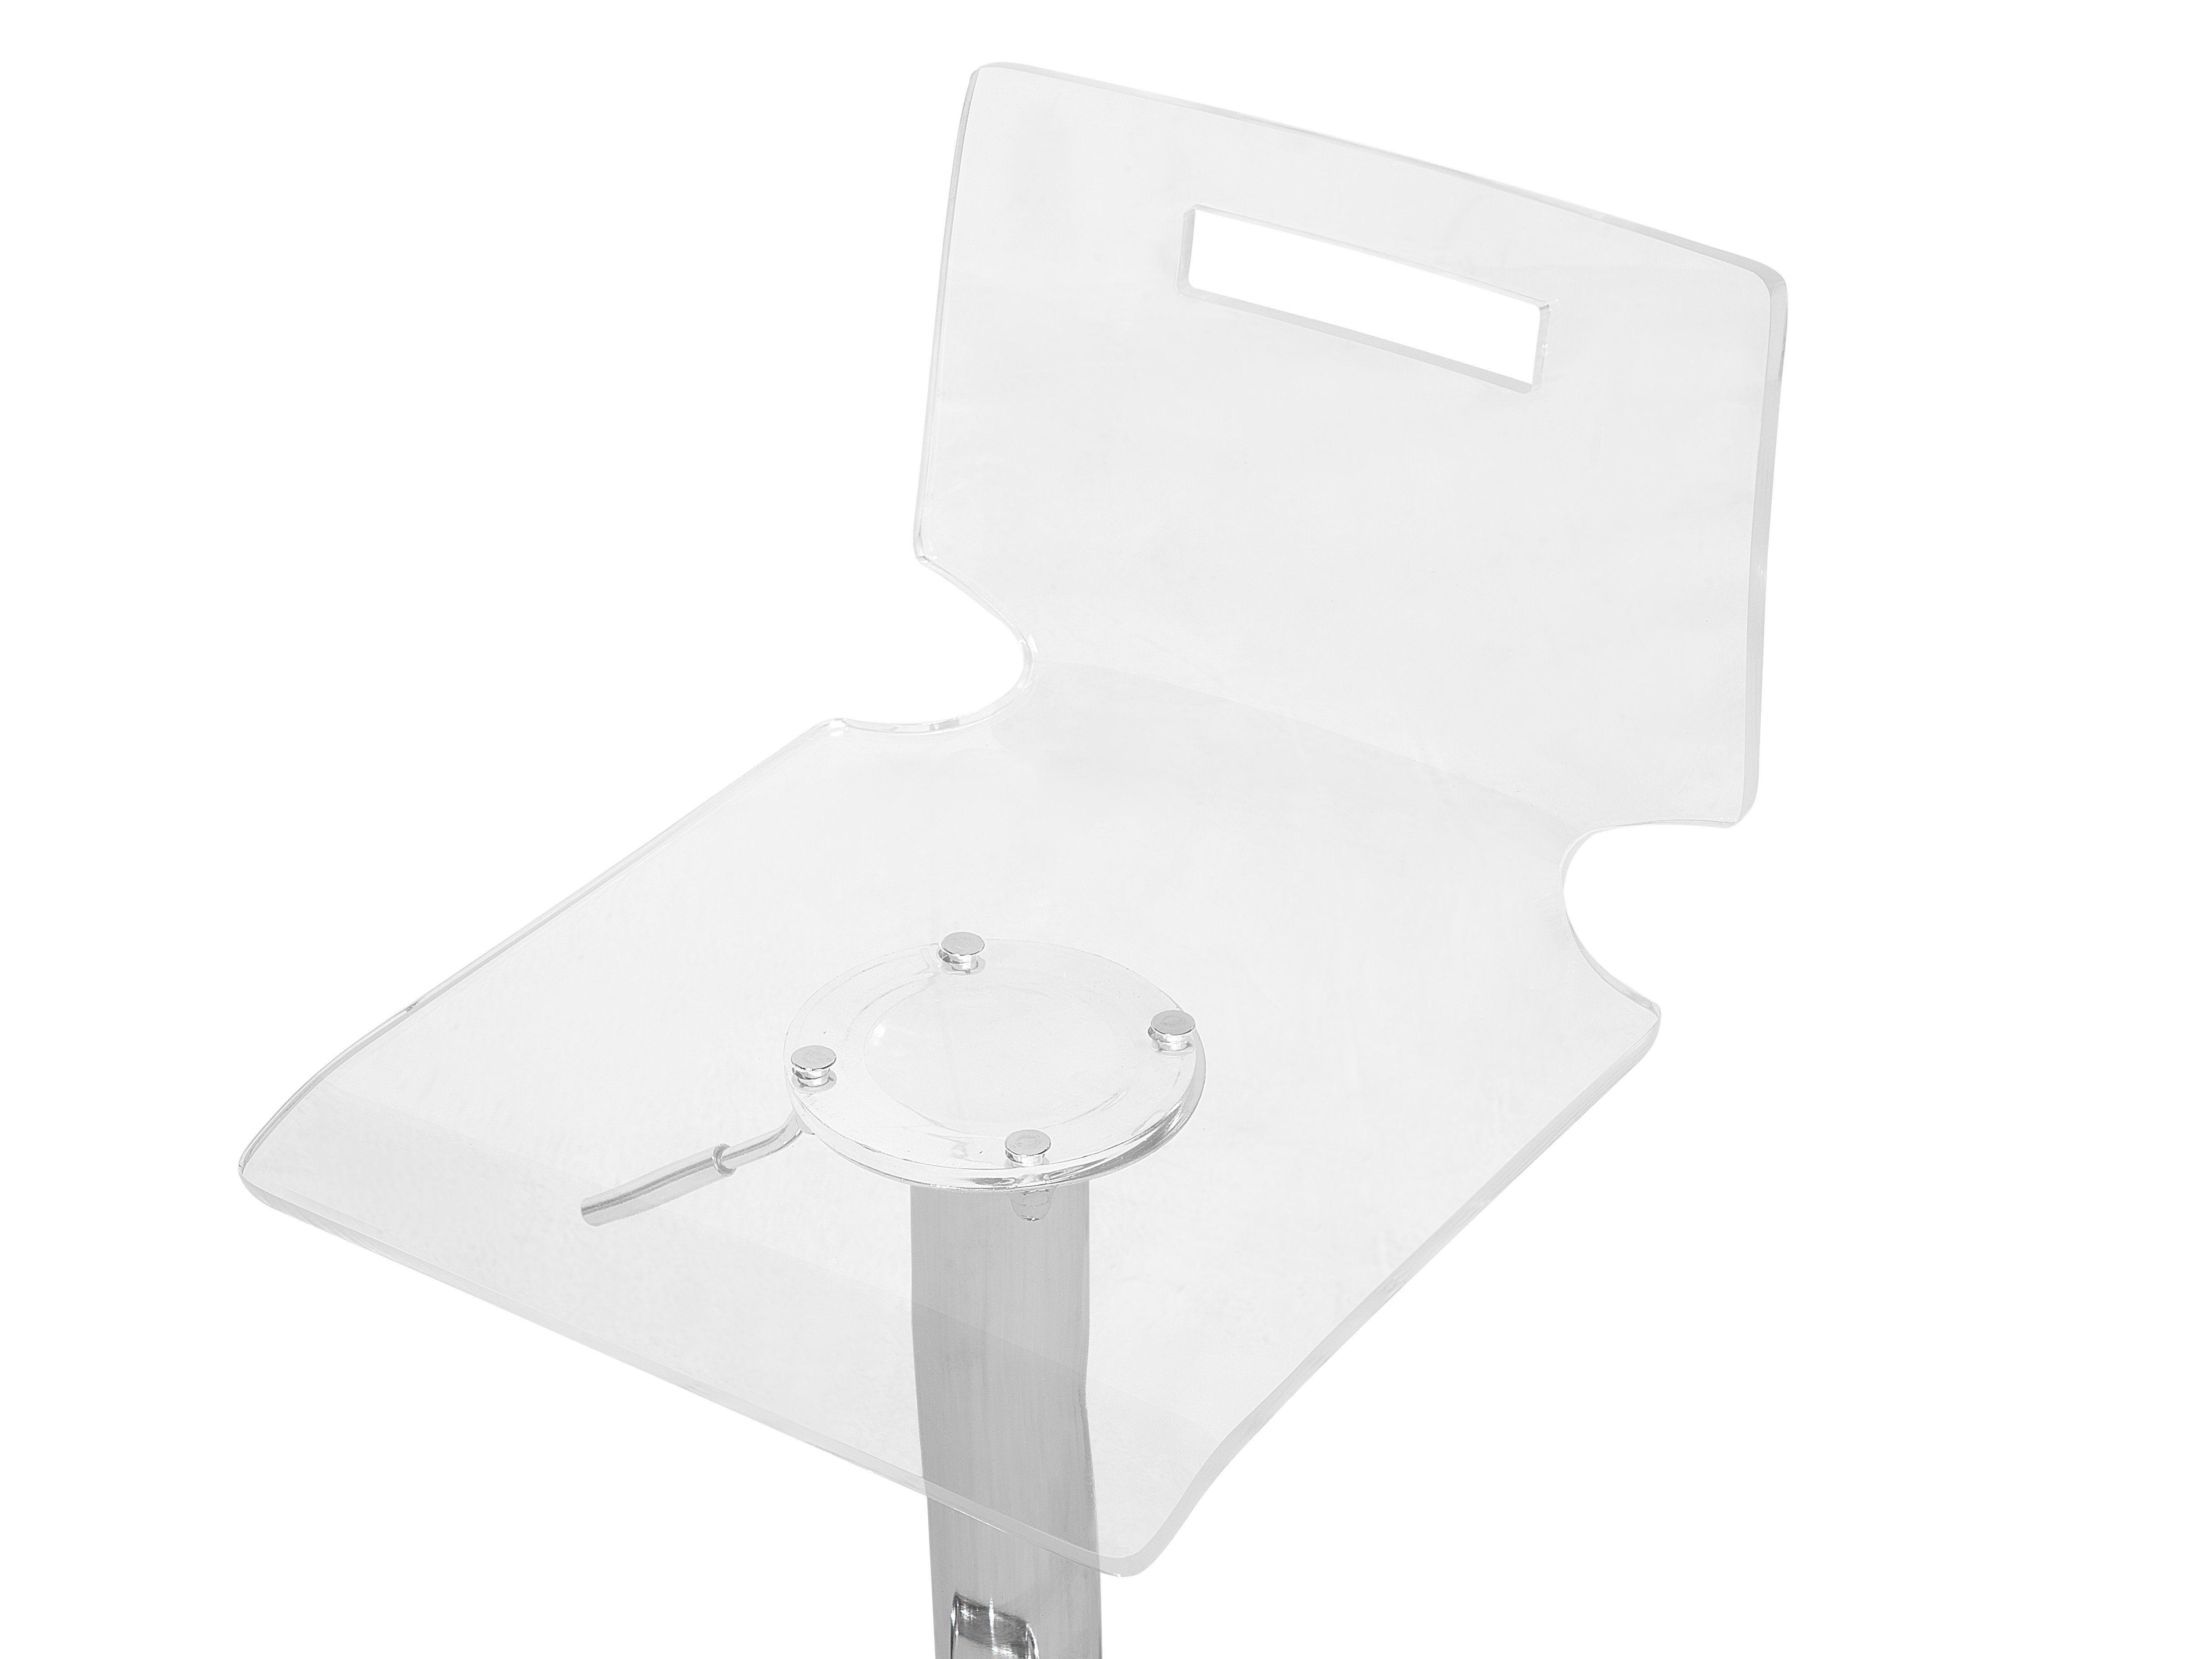 Sgabelli In Plastica Trasparente.Set Di 2 Sgabelli Da Bar In Plastica Trasparente Color Bianco